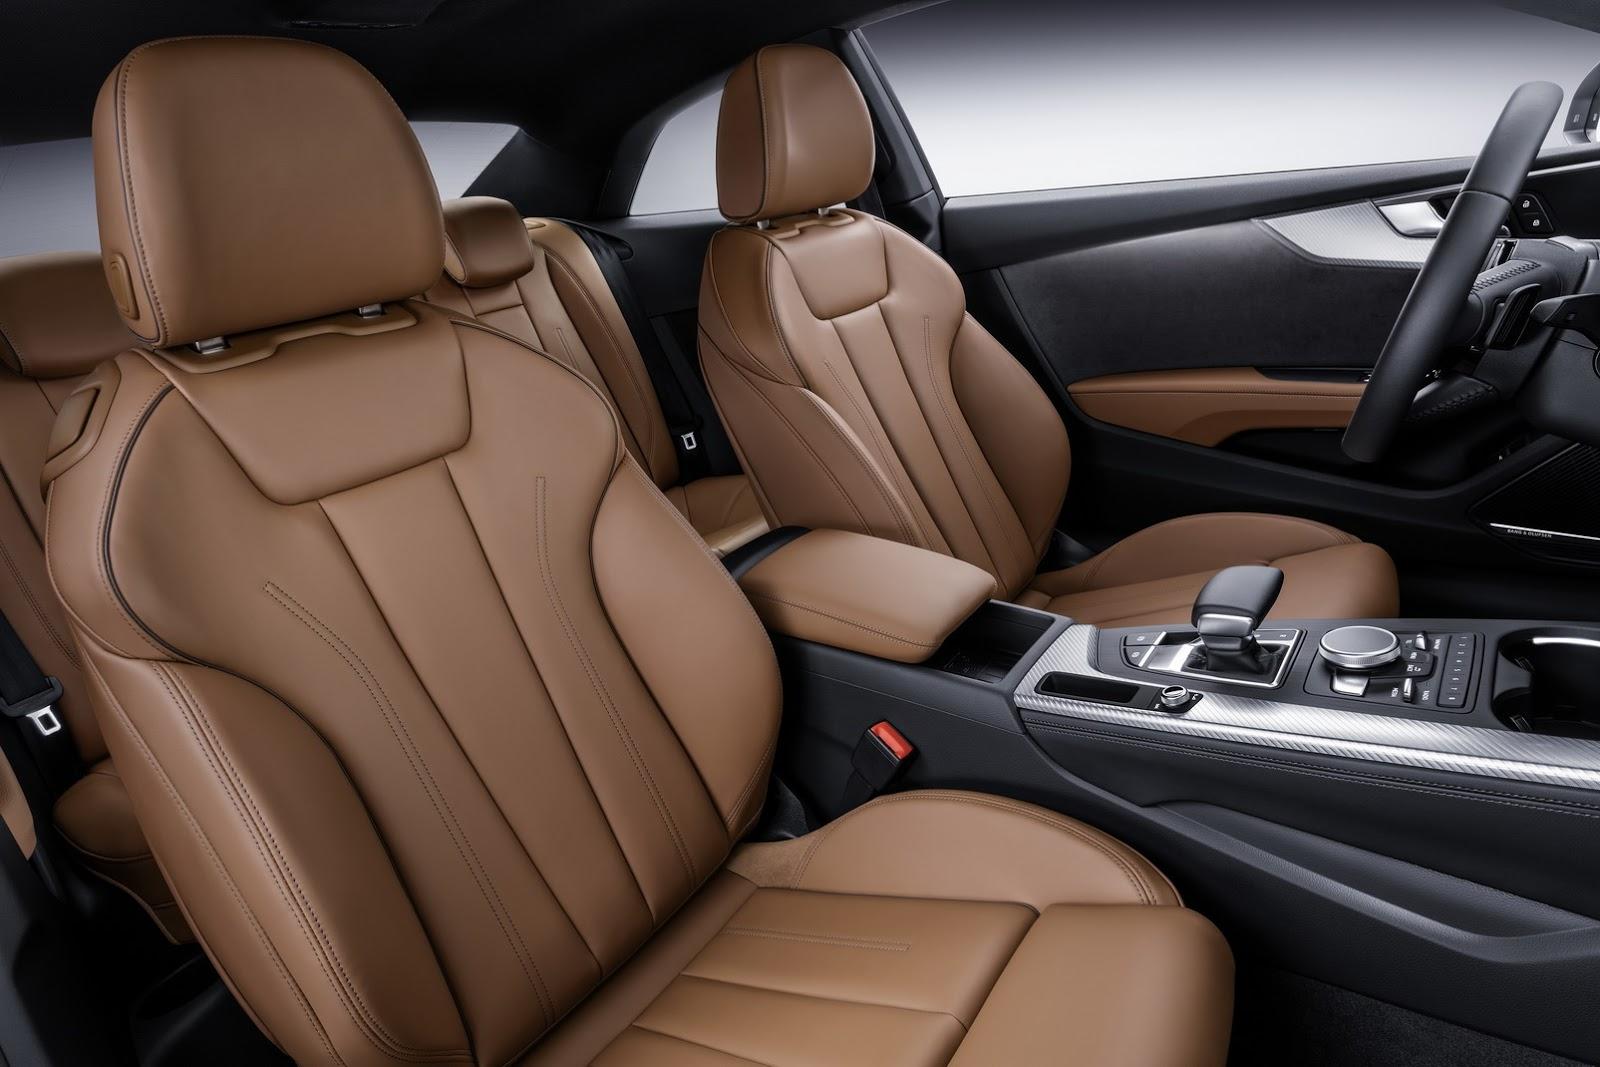 Để đảm bảo an toàn, Audi A5 2017 có những hệ thống chủ động mới nhất như kiểm soát hành trình thích ứng Stop&Go, hỗ trợ khi gặp tắc đường, cảnh báo giao thông phía sau, cảnh báo tránh va chạm và hỗ trợ quay đầu.